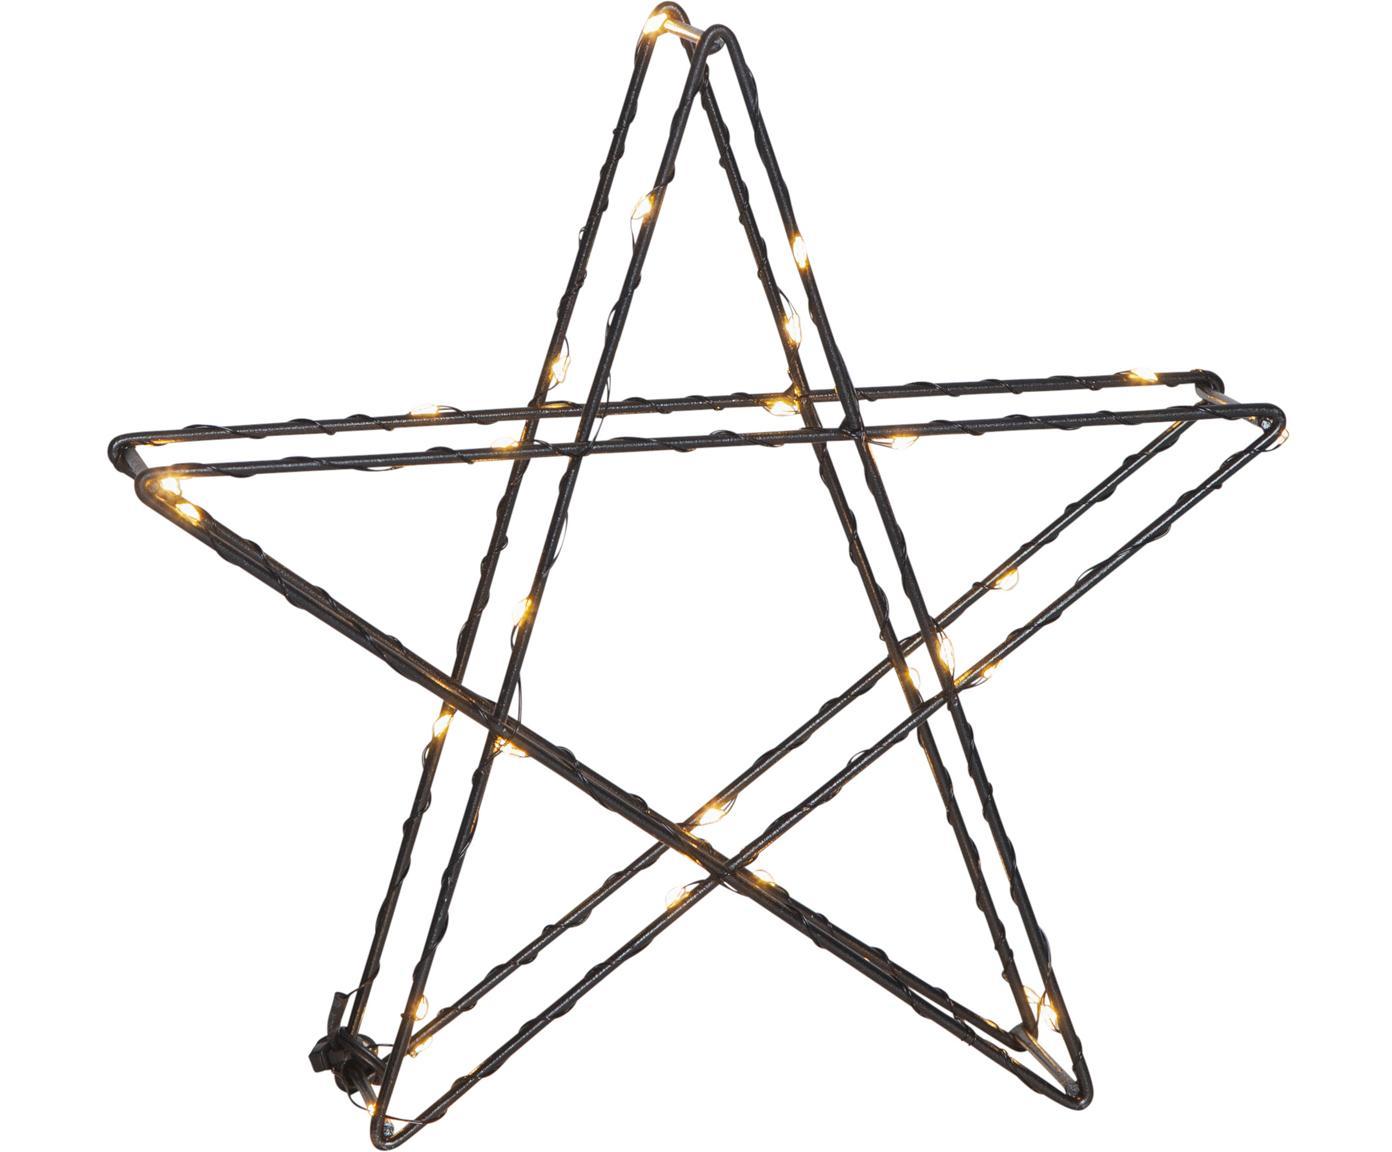 Oggetto luminoso a LED a batteria Stern, Nero, Larg. 25 x Alt. 25 cm